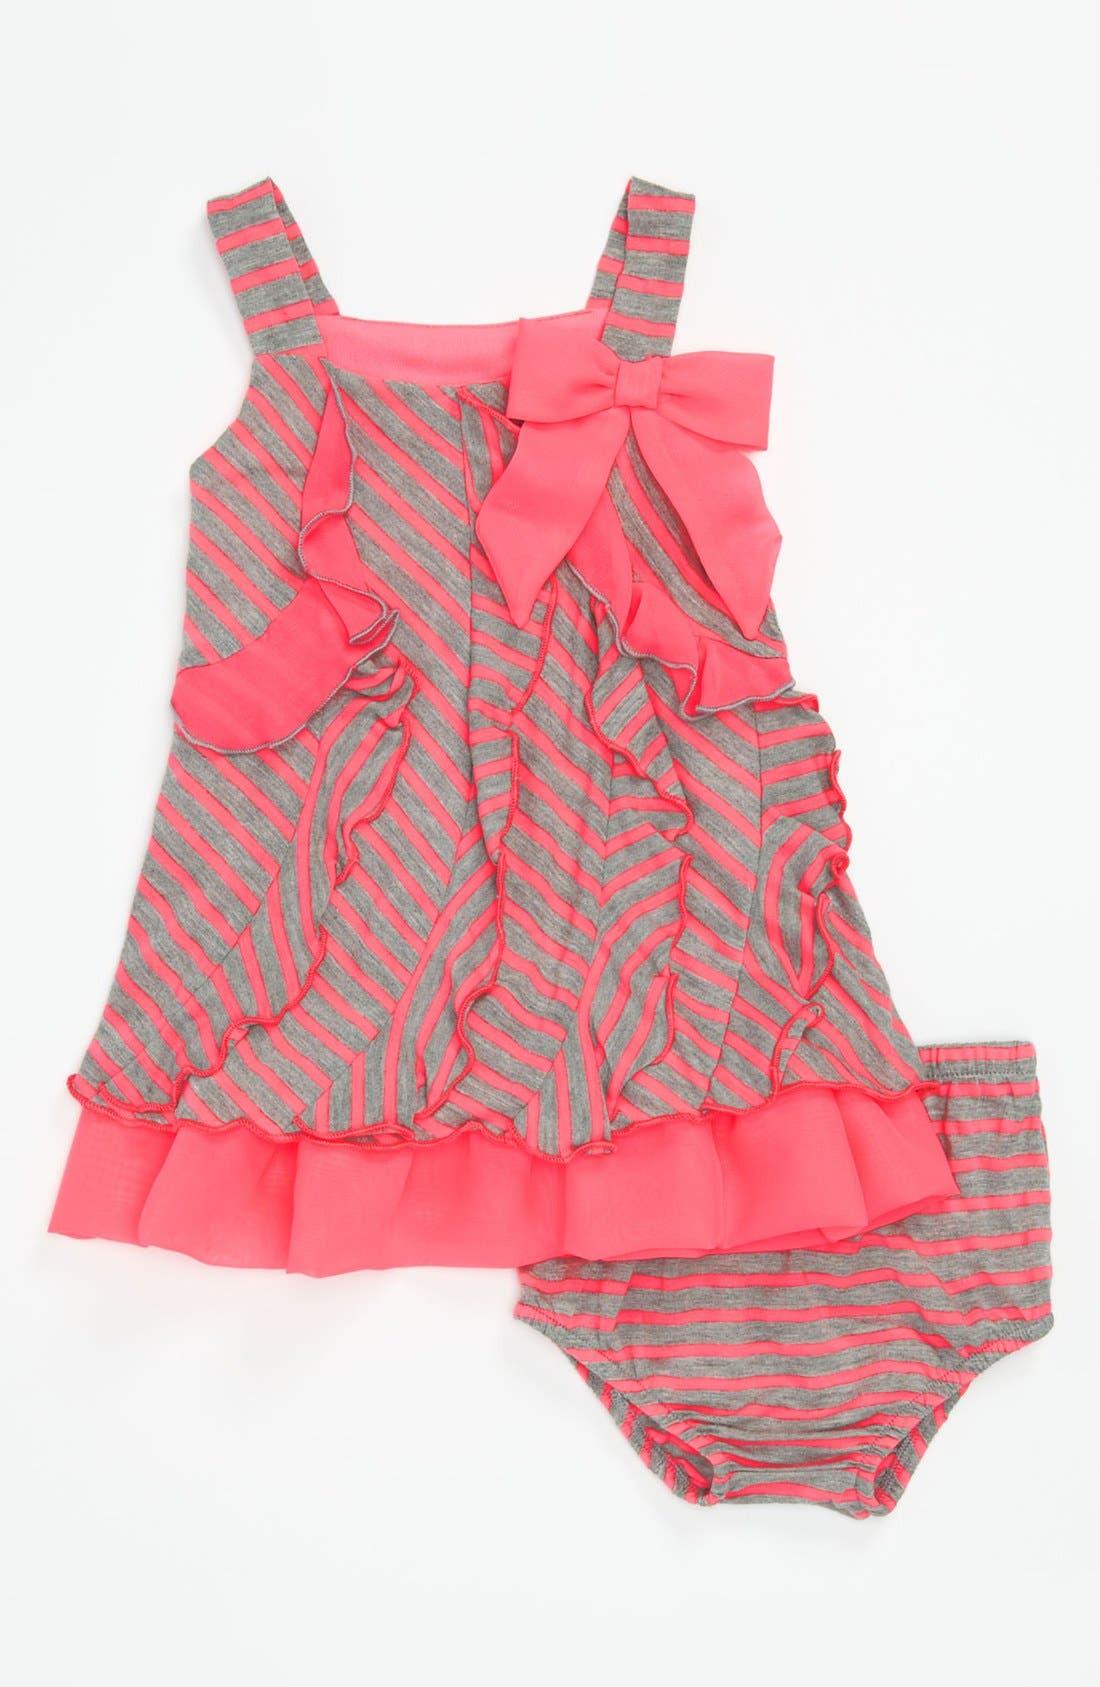 Main Image - Iris & Ivy Neon Ruffle Dress & Bloomers (Baby)